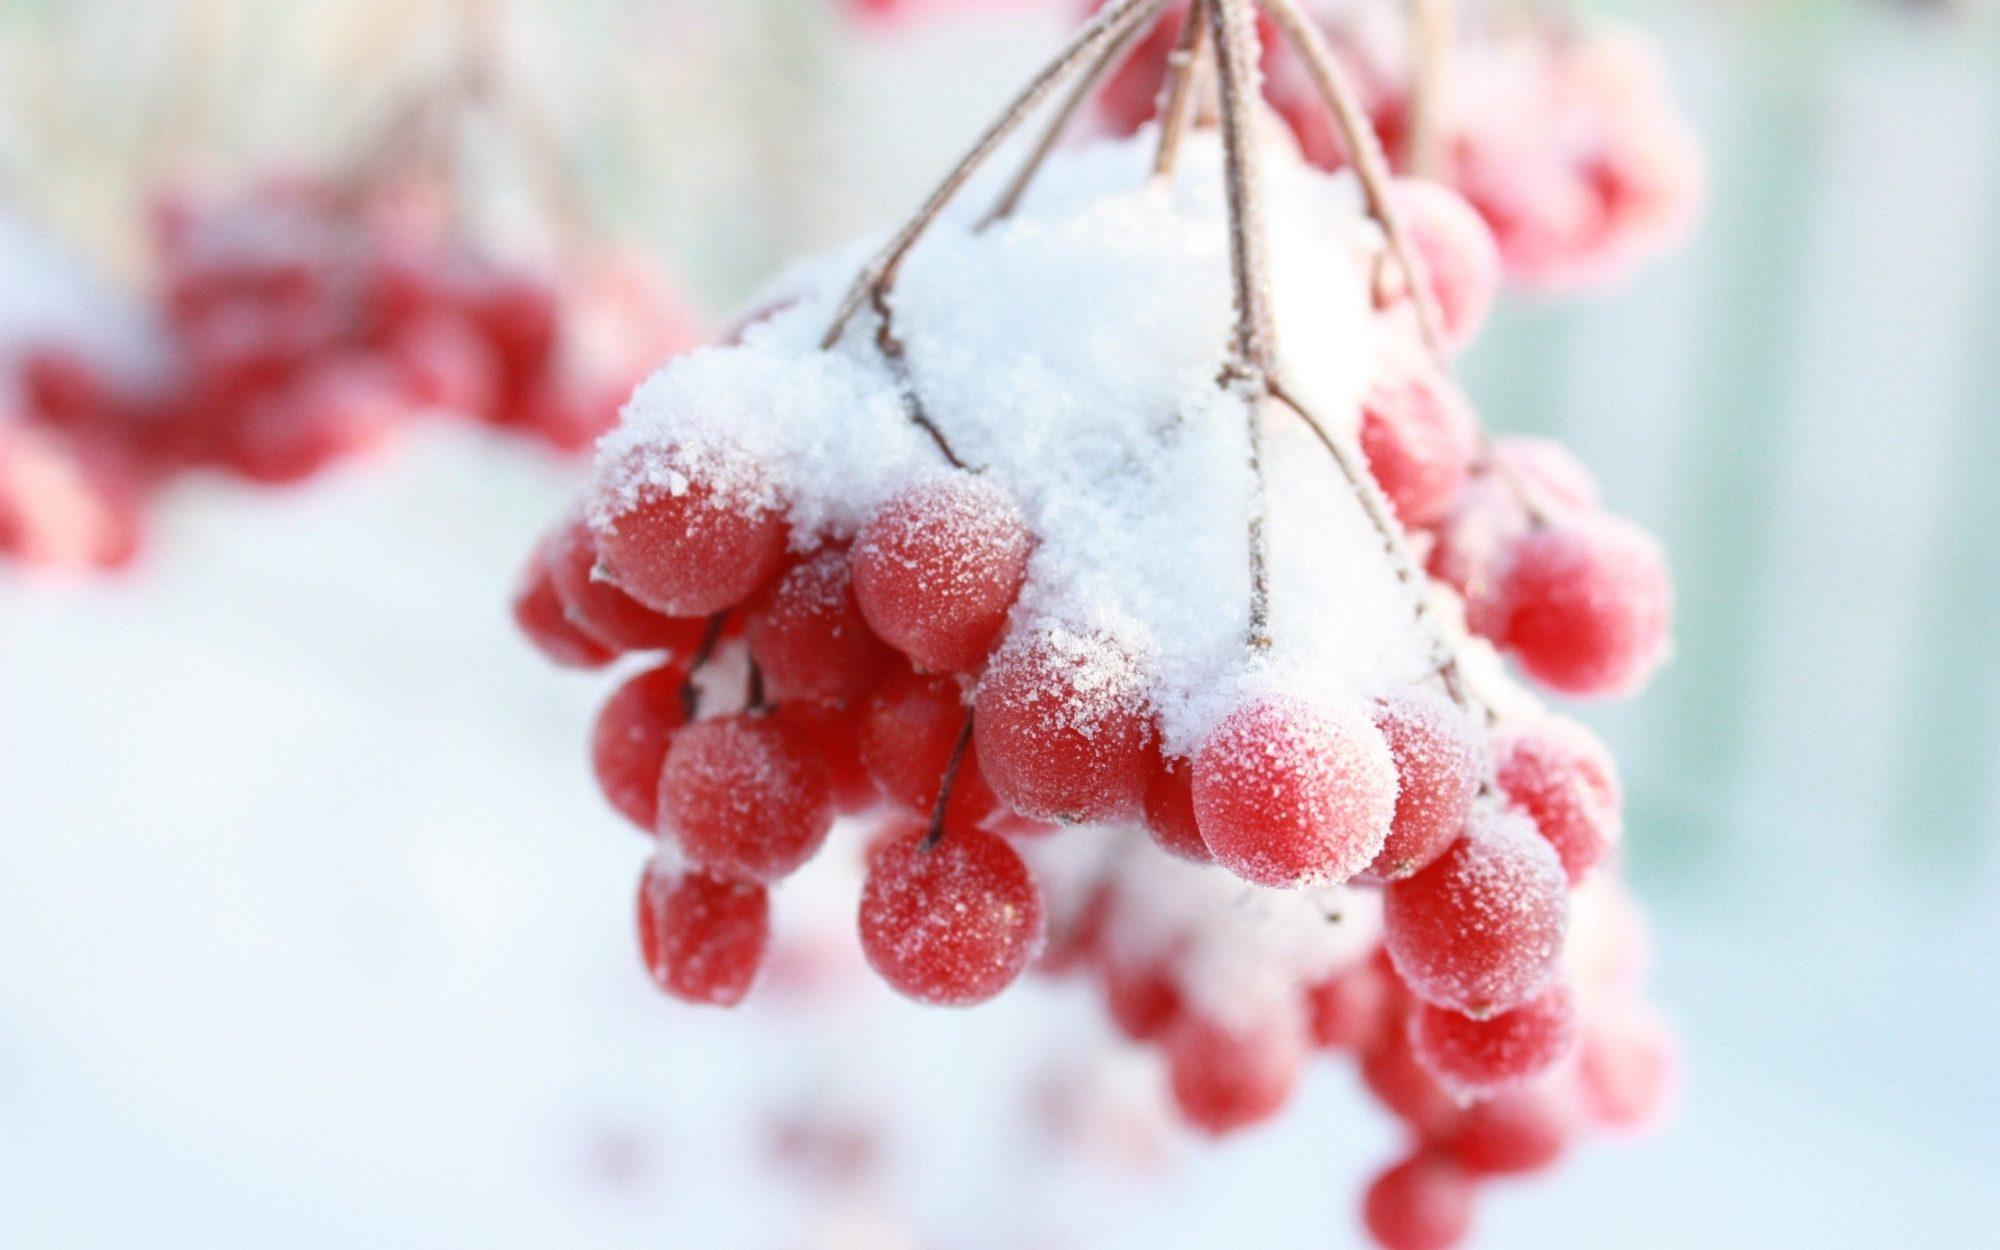 Снігопади і морози: синоптики розповіли, якою в Україні буде погода в листопаді -  - 24 lystopad 2000x1250